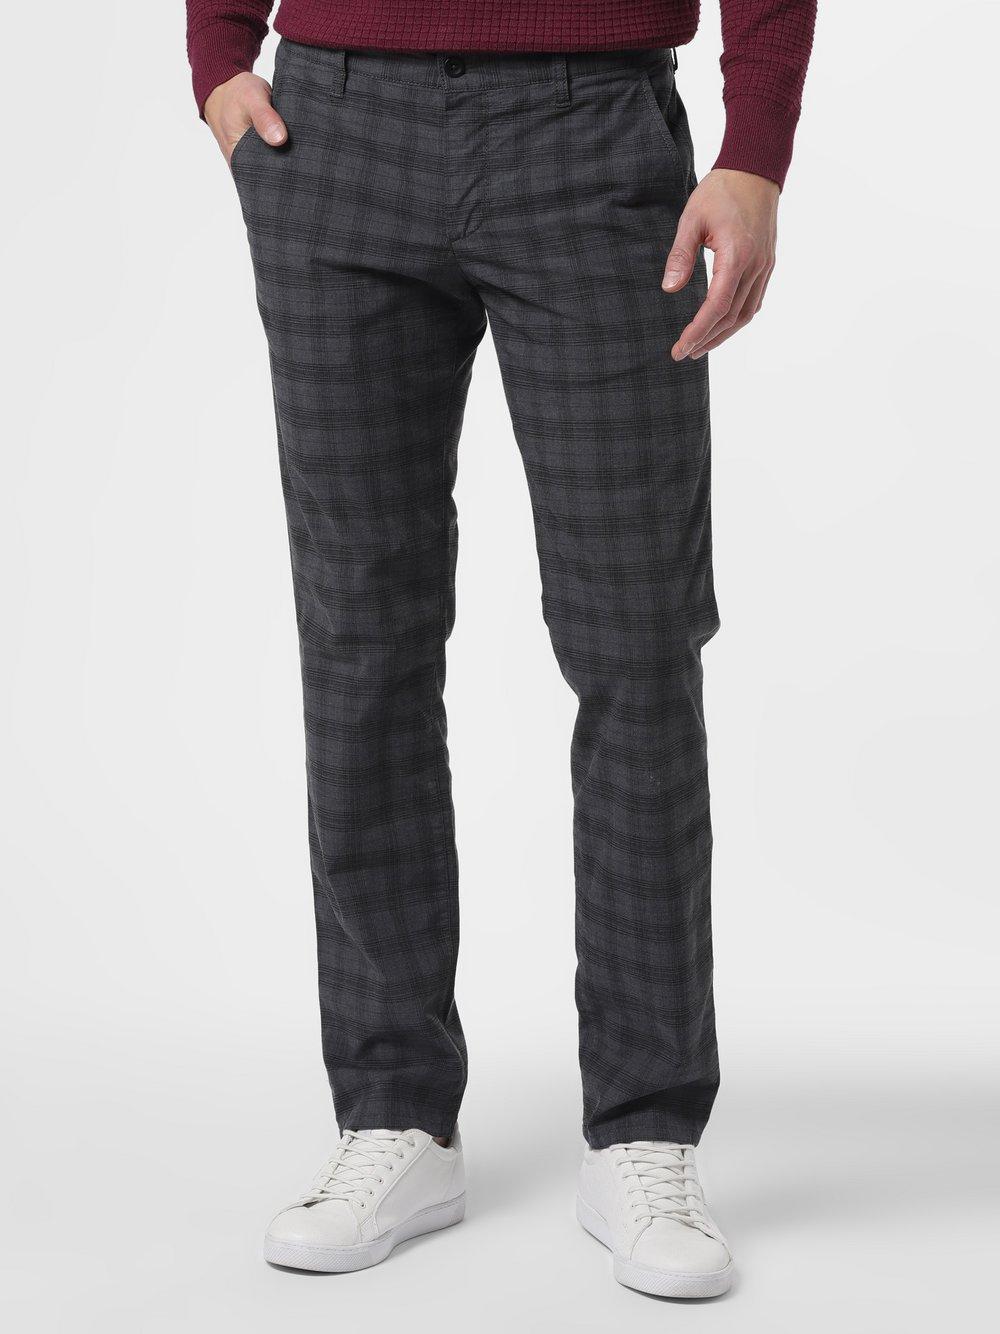 Alberto – Spodnie męskie – Lou-J, szary Van Graaf 463334-0001-03232